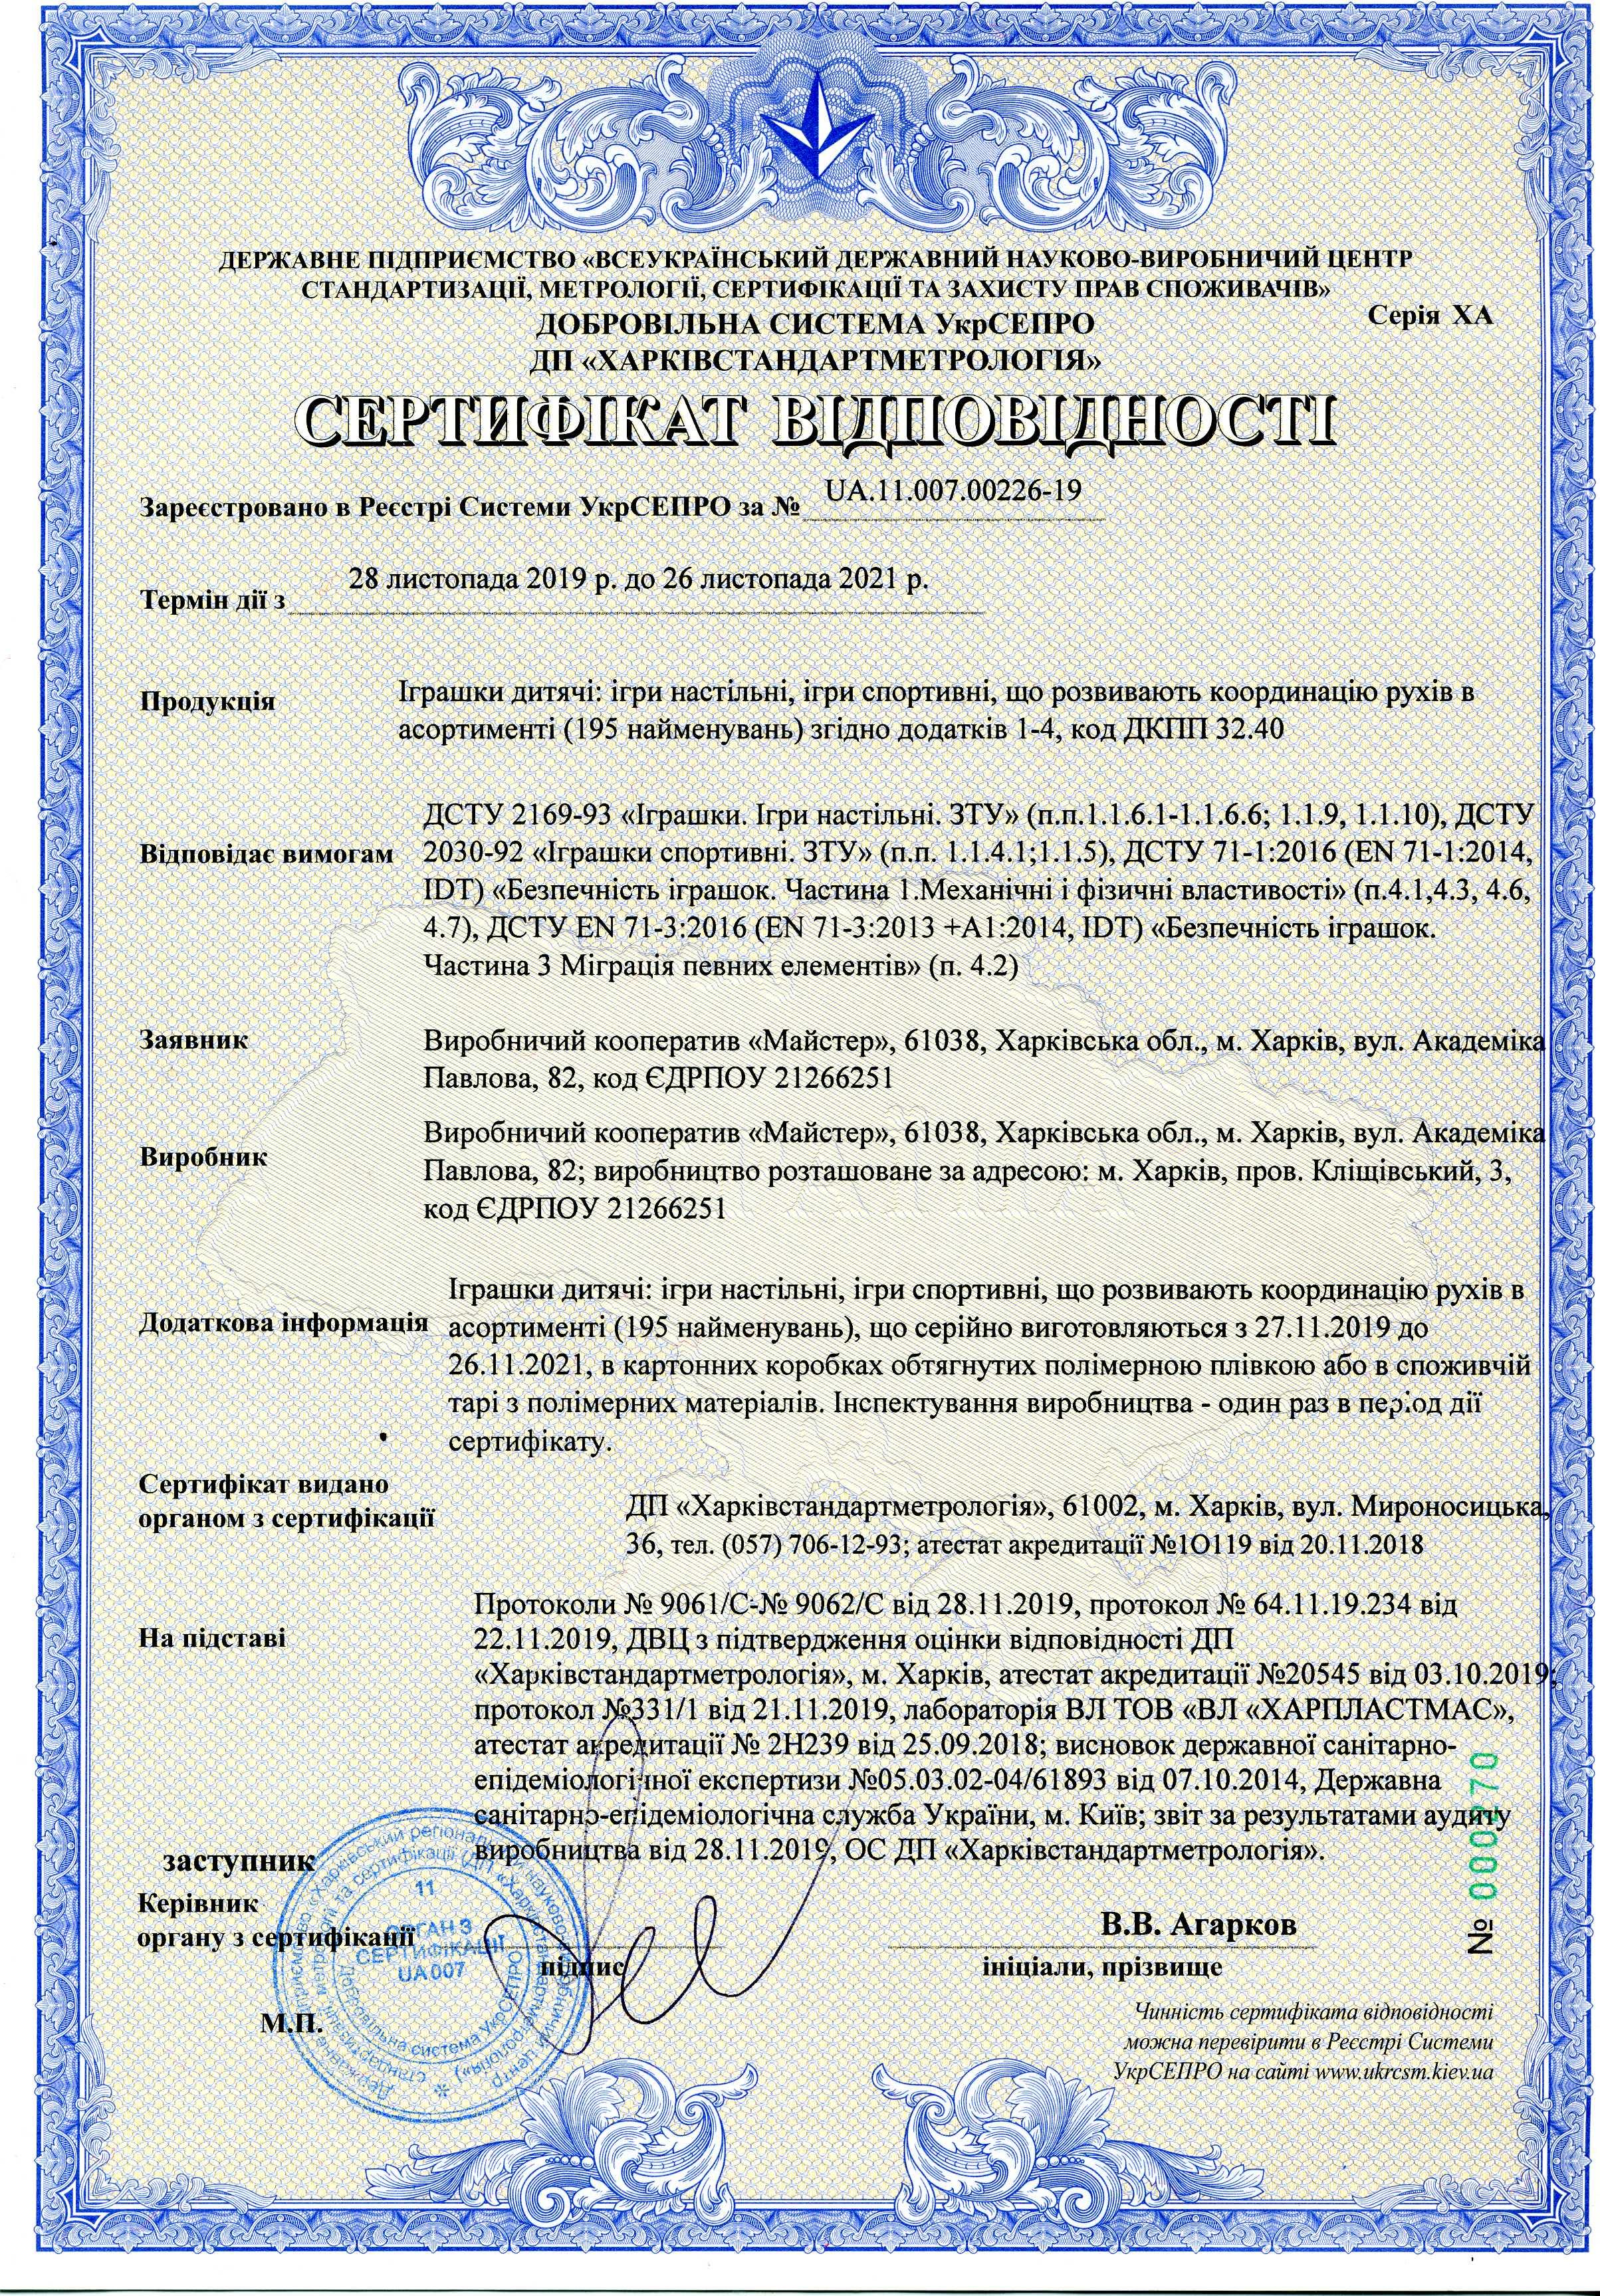 сертифікат відповідності 2019